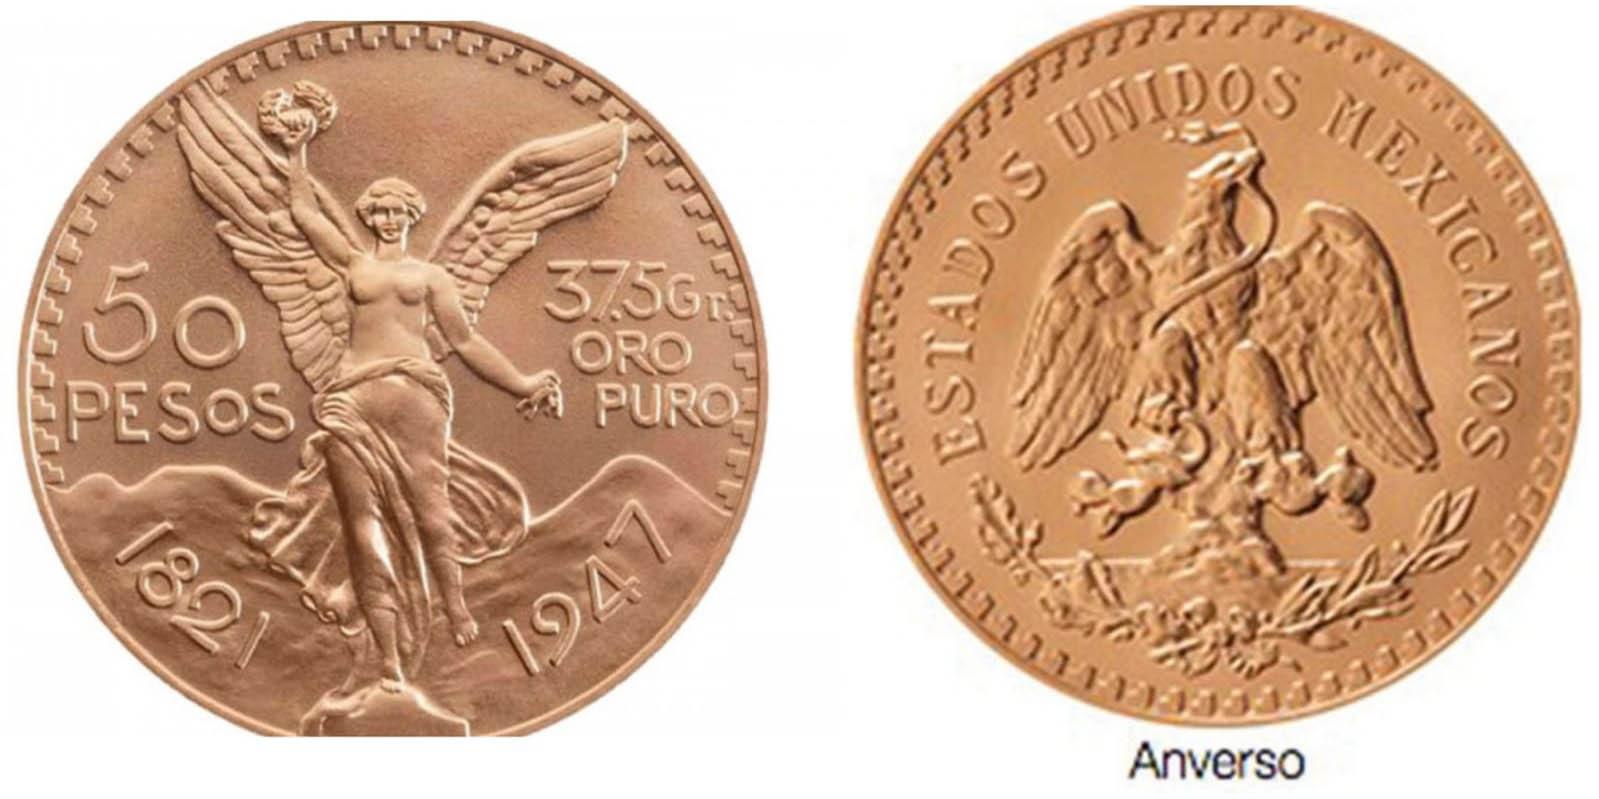 Monedas antiguas de oro de $50 elevan su valor a más de 46 mil pesos | El Imparcial de Oaxaca